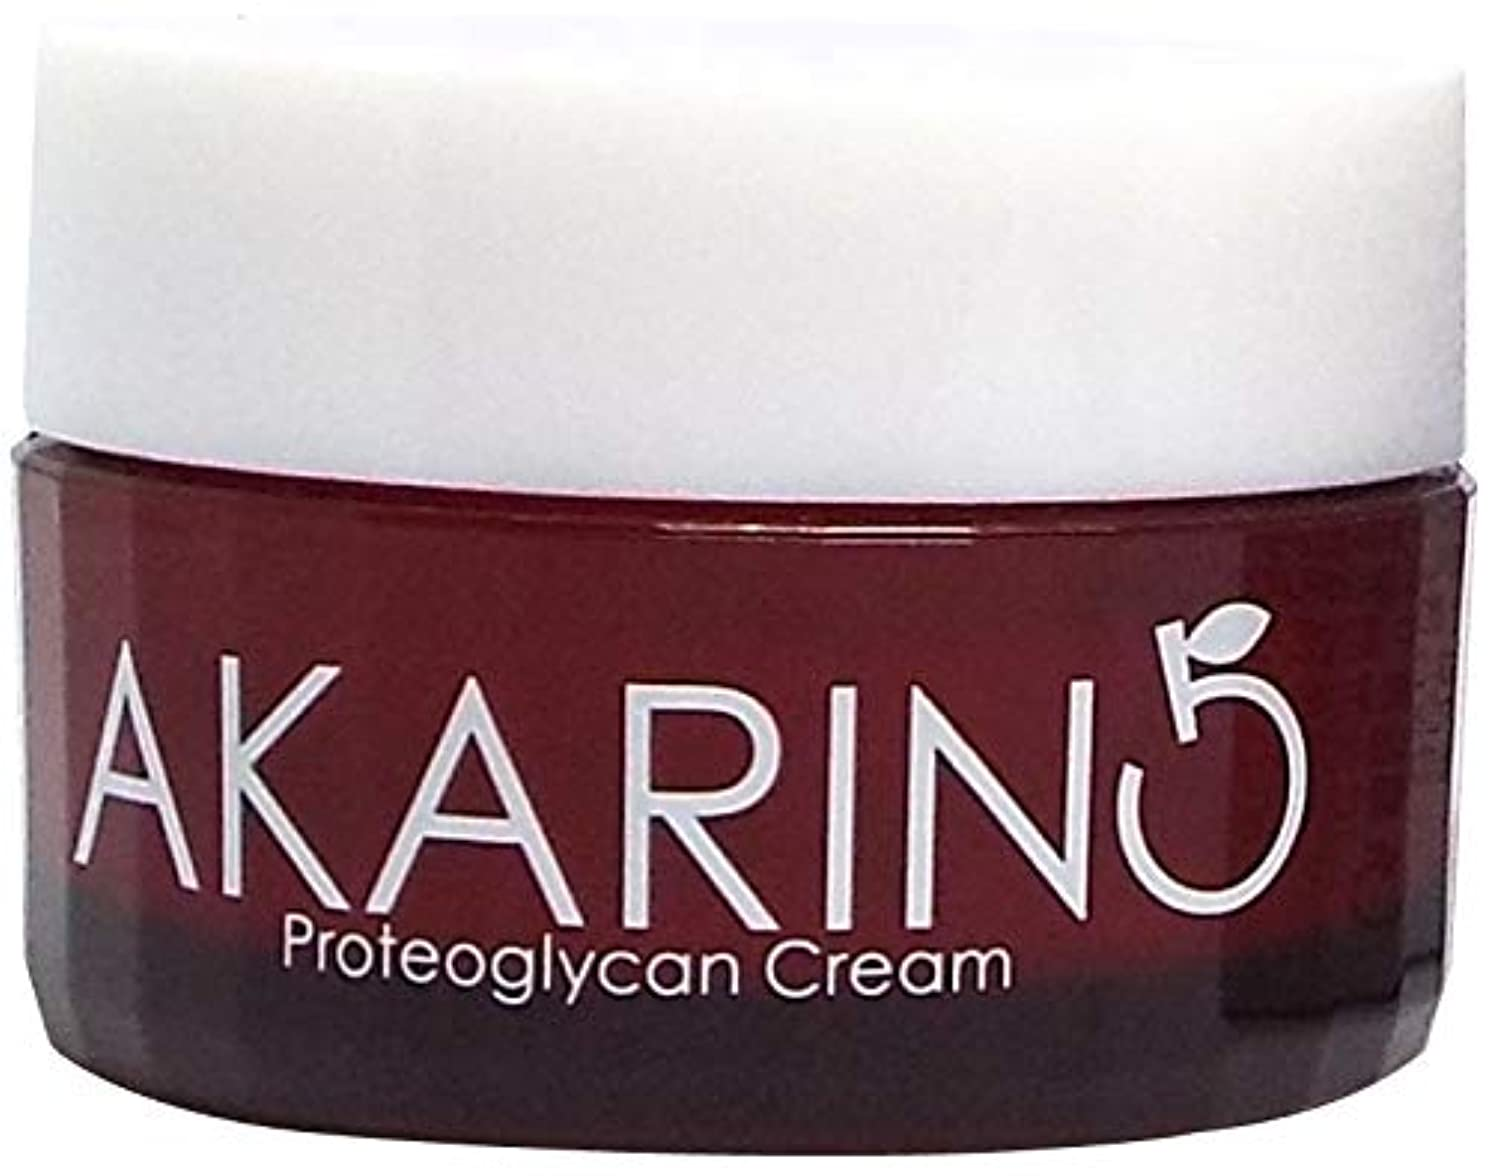 甘い角度分散プロテオグリカン配合フェイスクリーム 30g AKARIN5